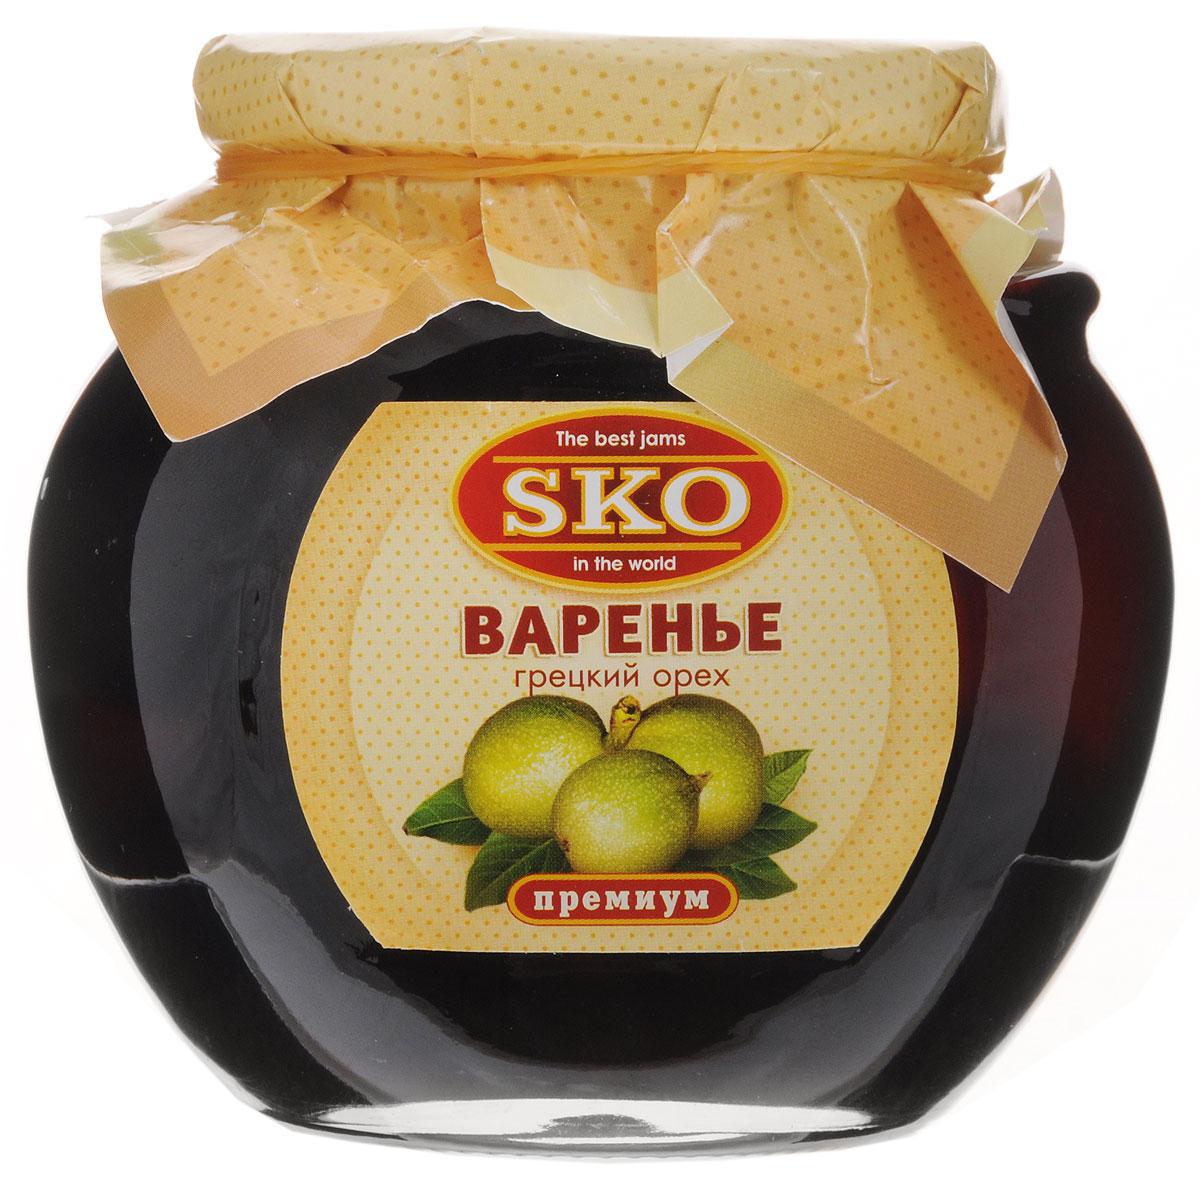 SKO варенье из грецких орехов, 400 г11005Варенье SKO приготовлено по-домашнему рецепту и современным технологиям. Может использоваться для приготовления пирогов, тортов и других разнообразных десертов, а также в качестве самостоятельного лакомства. Варенье из зеленых грецких орехов по праву считают королем варенья. Оно поможет тем, кто часто мучается от головной боли или боли в зубах. Можно употреблять его и при простудных заболеваниях, при усталости, переутомлении, слабости в мышцах, апатии. Улучшает пищеварение, помогает избавиться от глистов, нормализует выработку желудочного сока и помогает избавиться от запоров, благодаря своим слабительным свойствам.